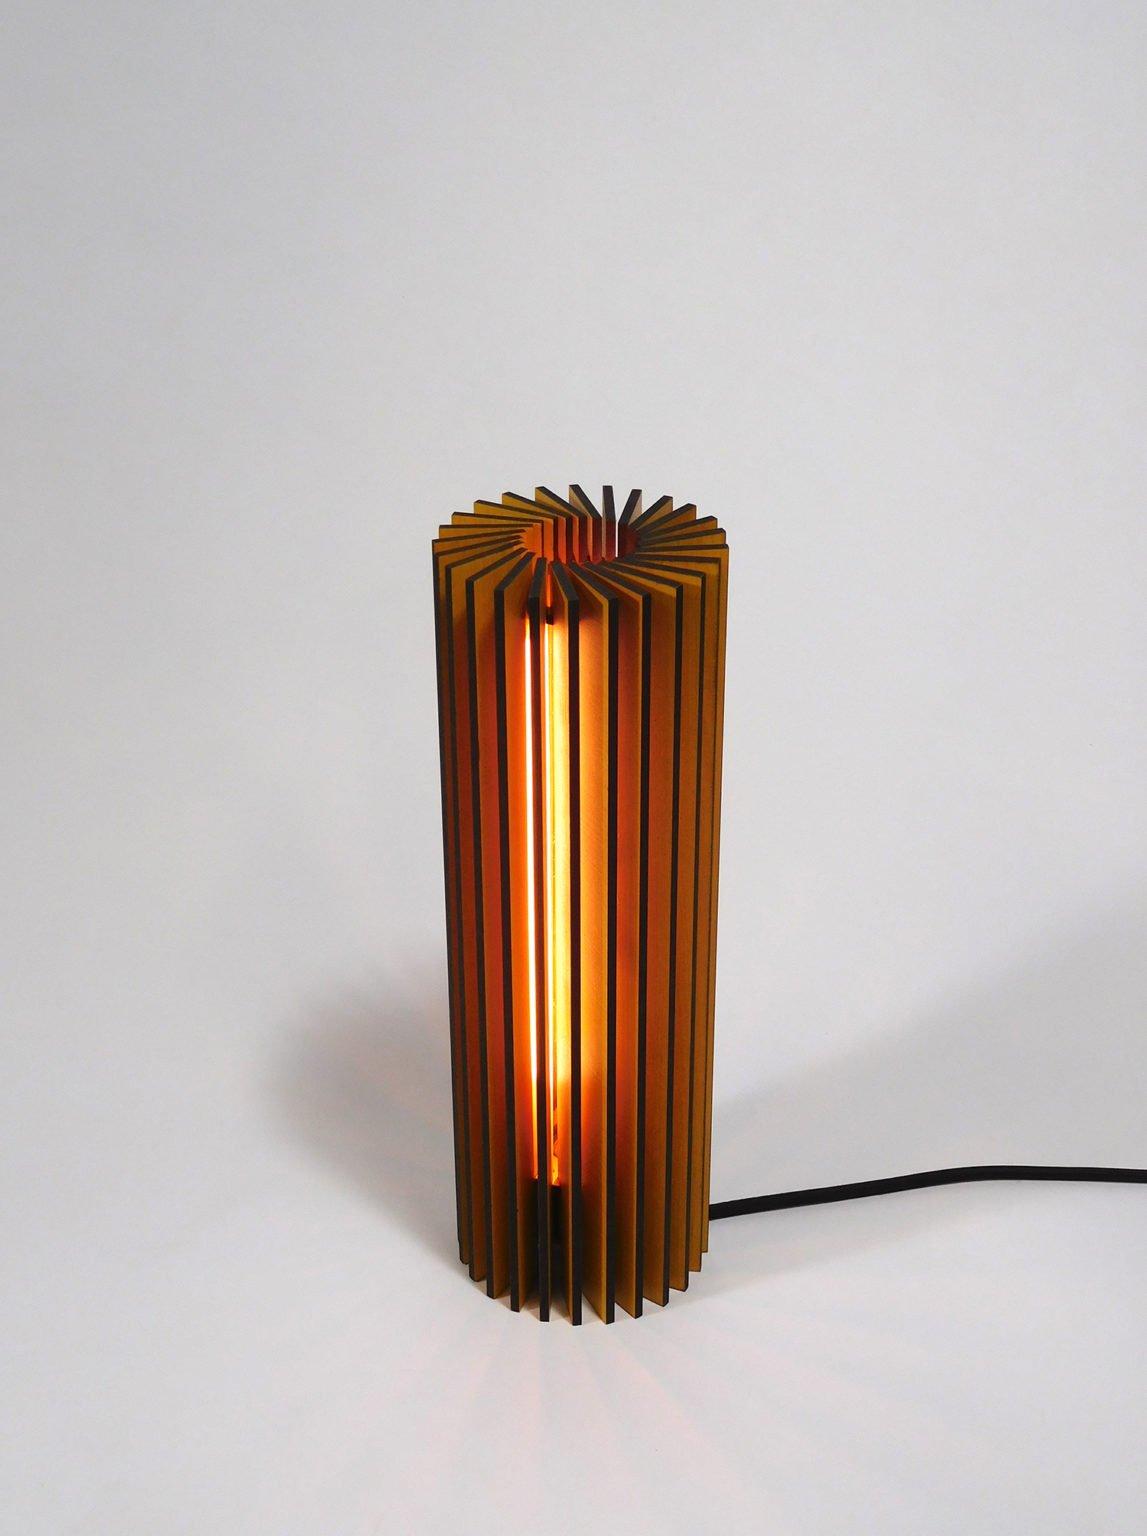 Nr1-houten-nachtlampje-voor-nachtkastje-vanderWerffdesign-hoogaanzicht